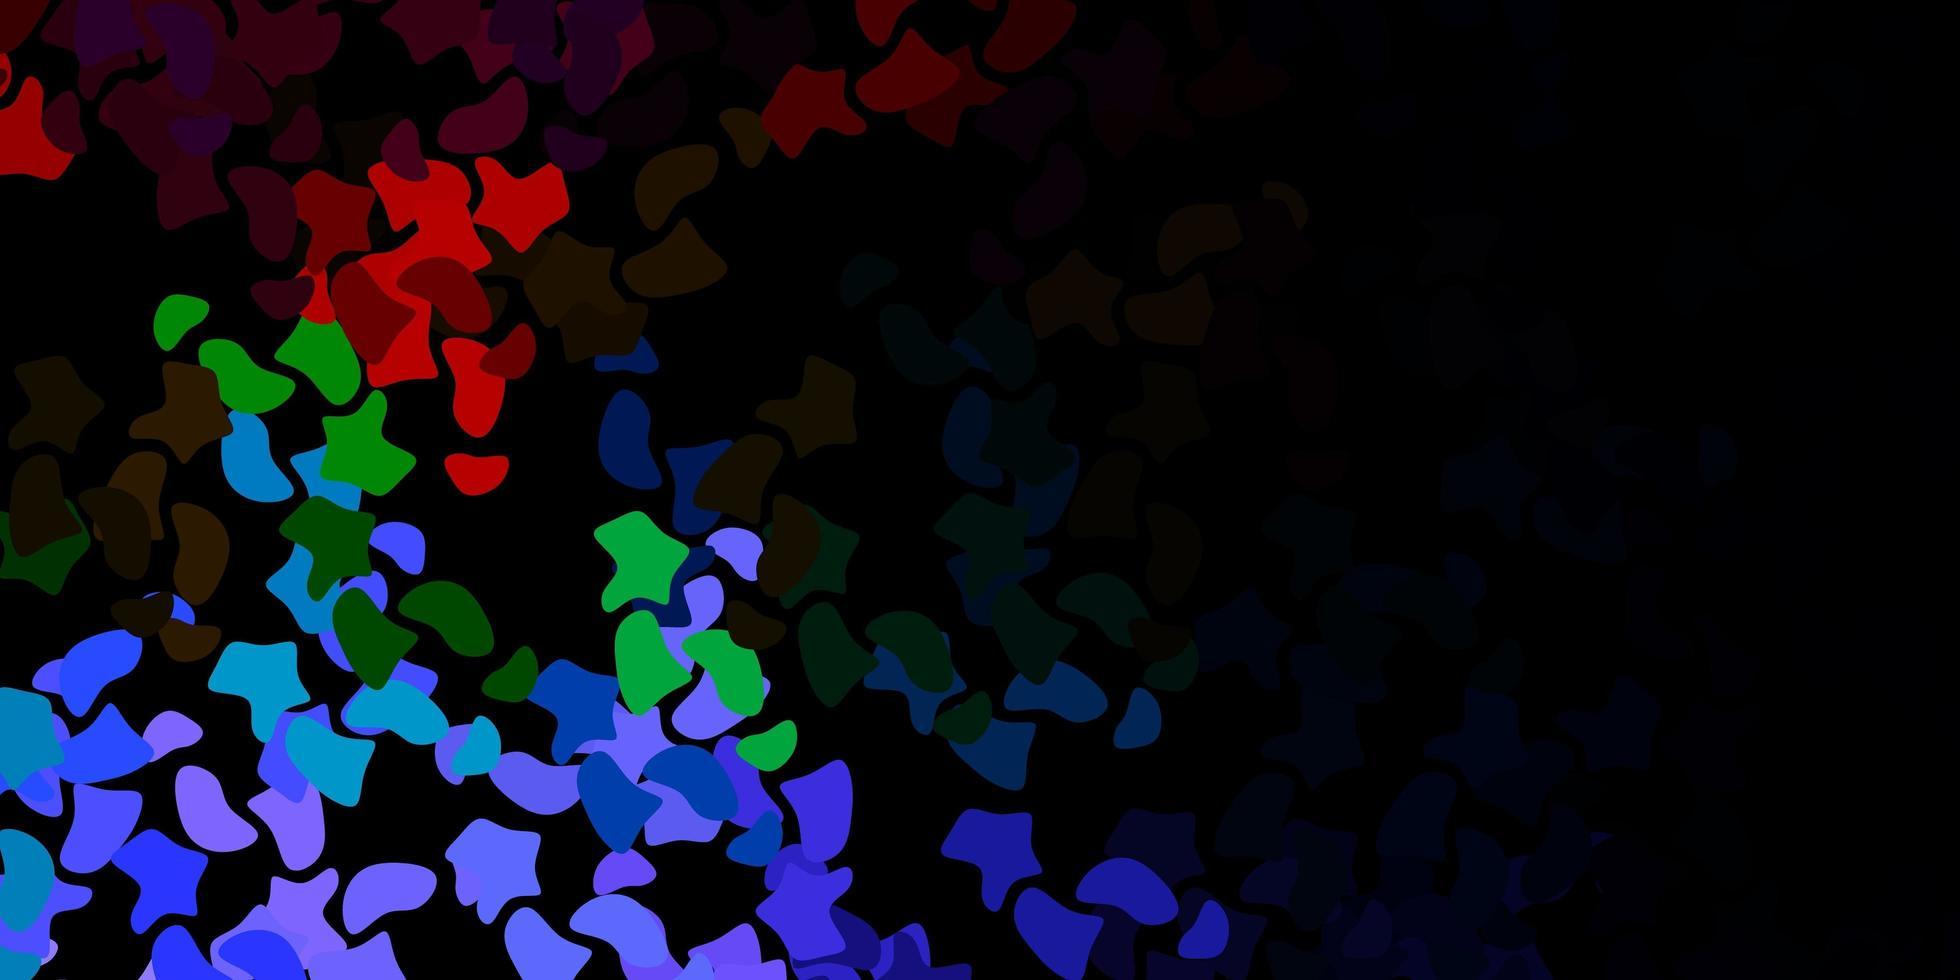 dunkler mehrfarbiger Vektorhintergrund mit chaotischen Formen. vektor